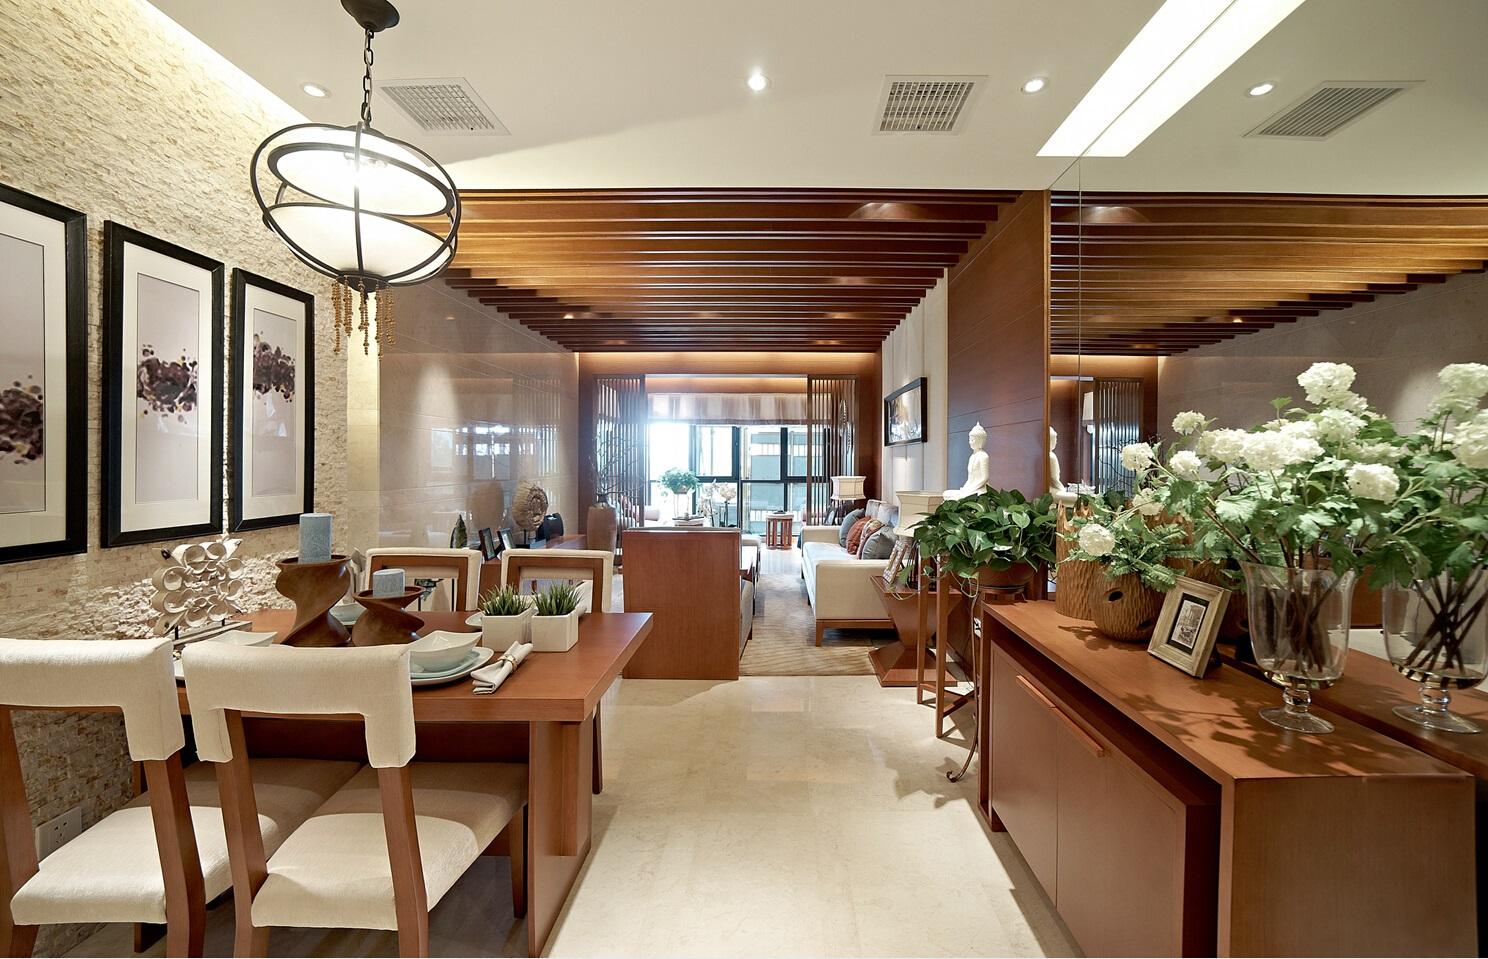 四人餐桌满足一家人的用餐需求,餐厅背景墙设计让原本平淡的空间有了艺术感。